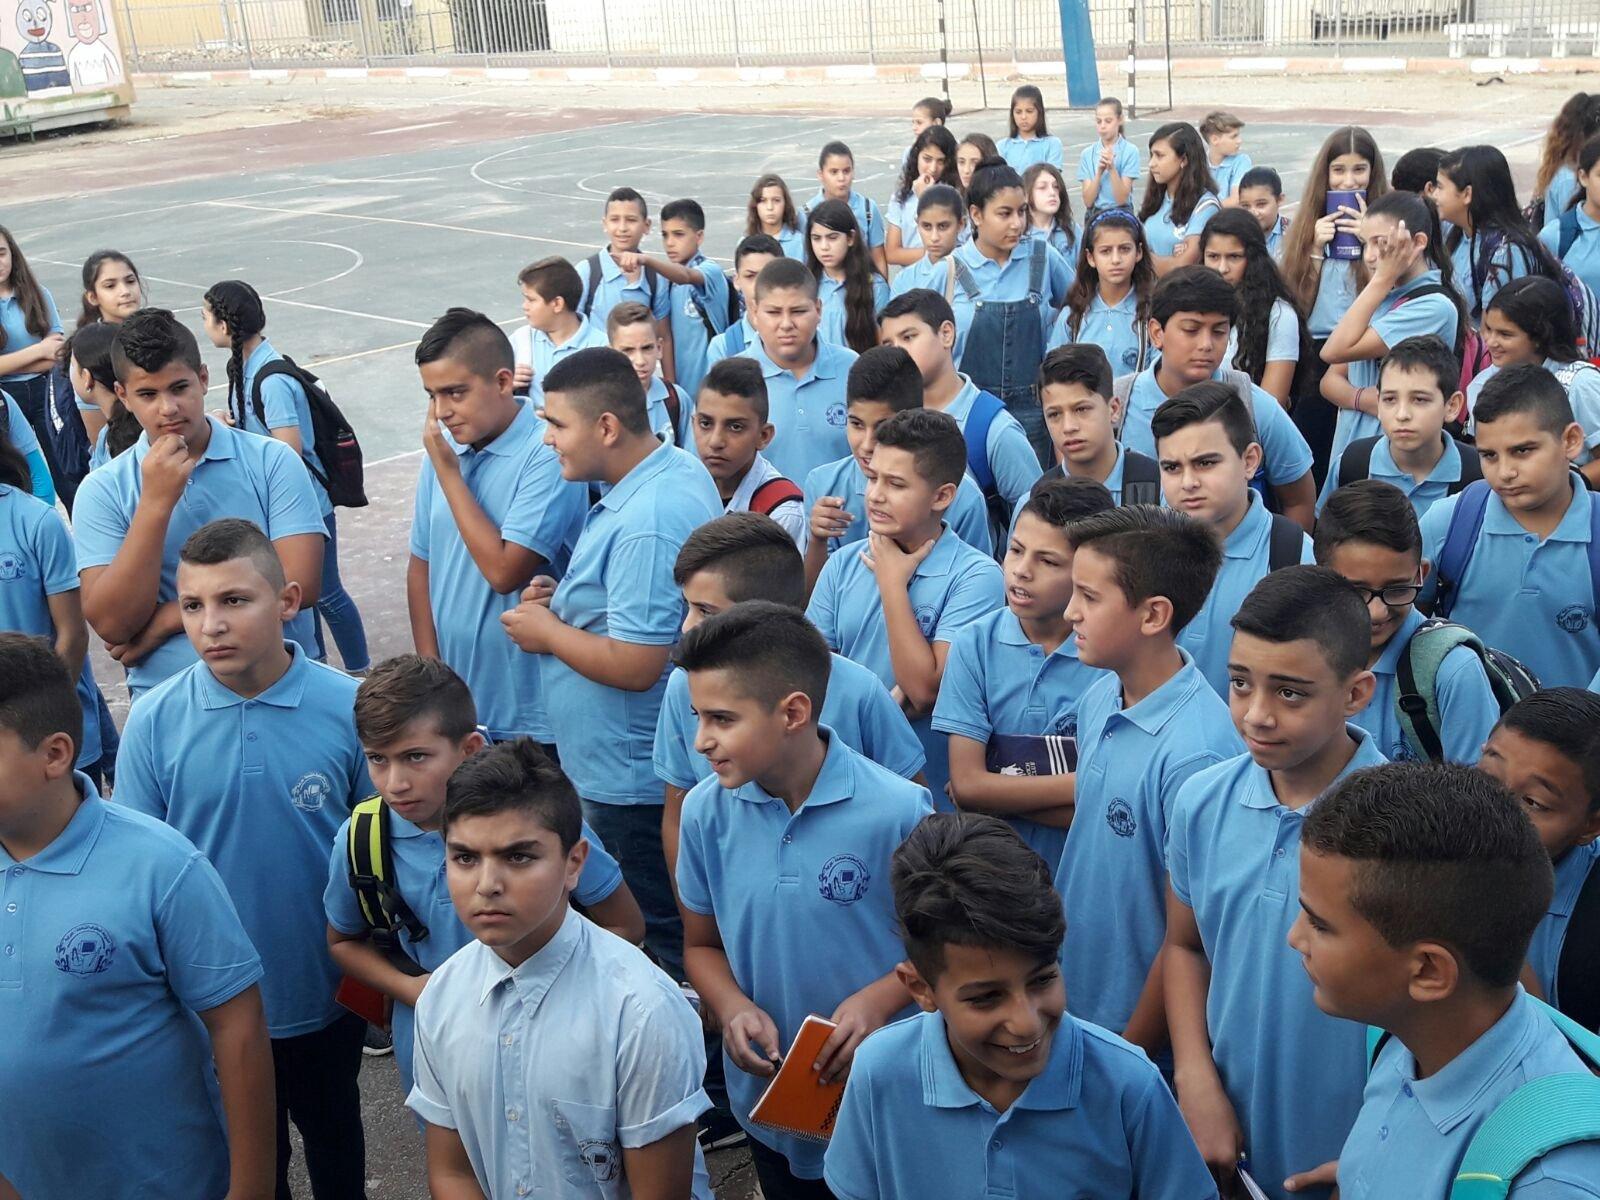 العودة إلى المدارس: نحو  542 ألف تلميذ/ة و 37 ألف معلم/ة يعودون الى مقاعد الدراسة